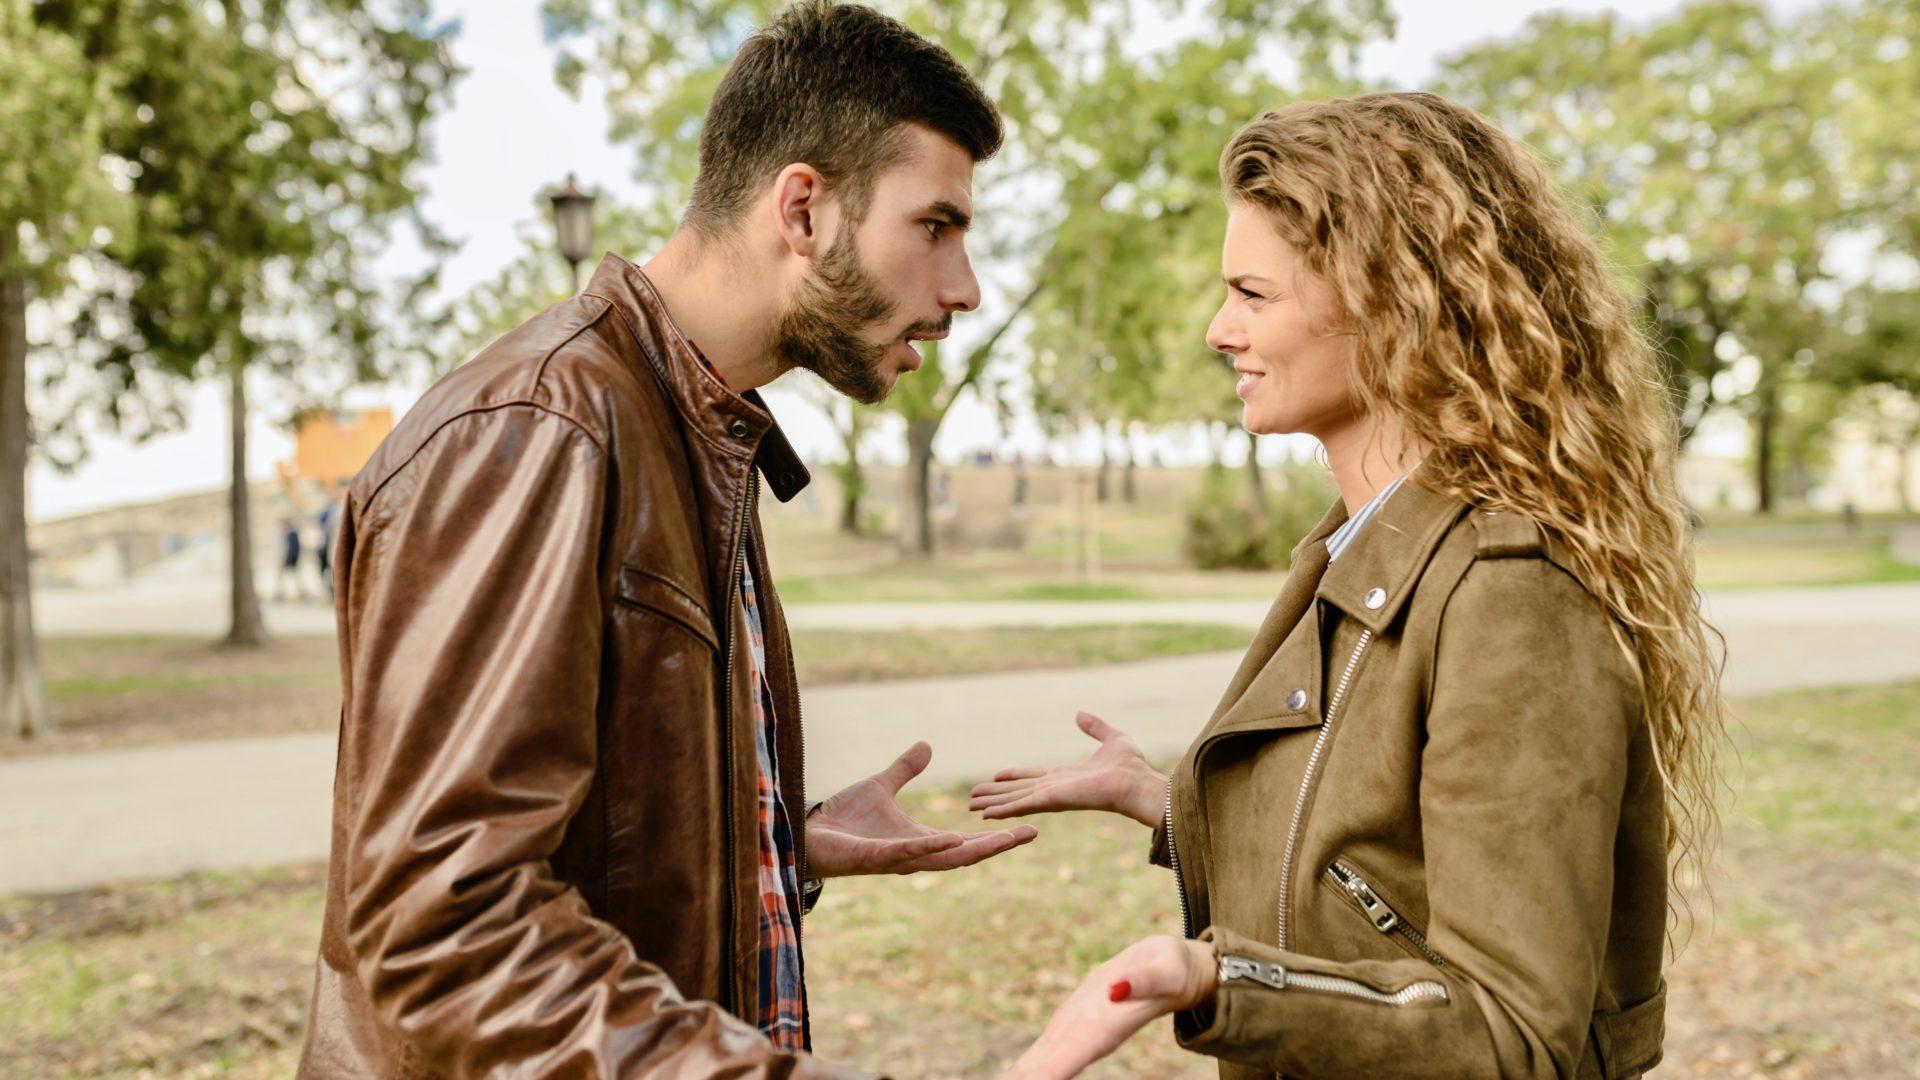 喧嘩する男性と女性